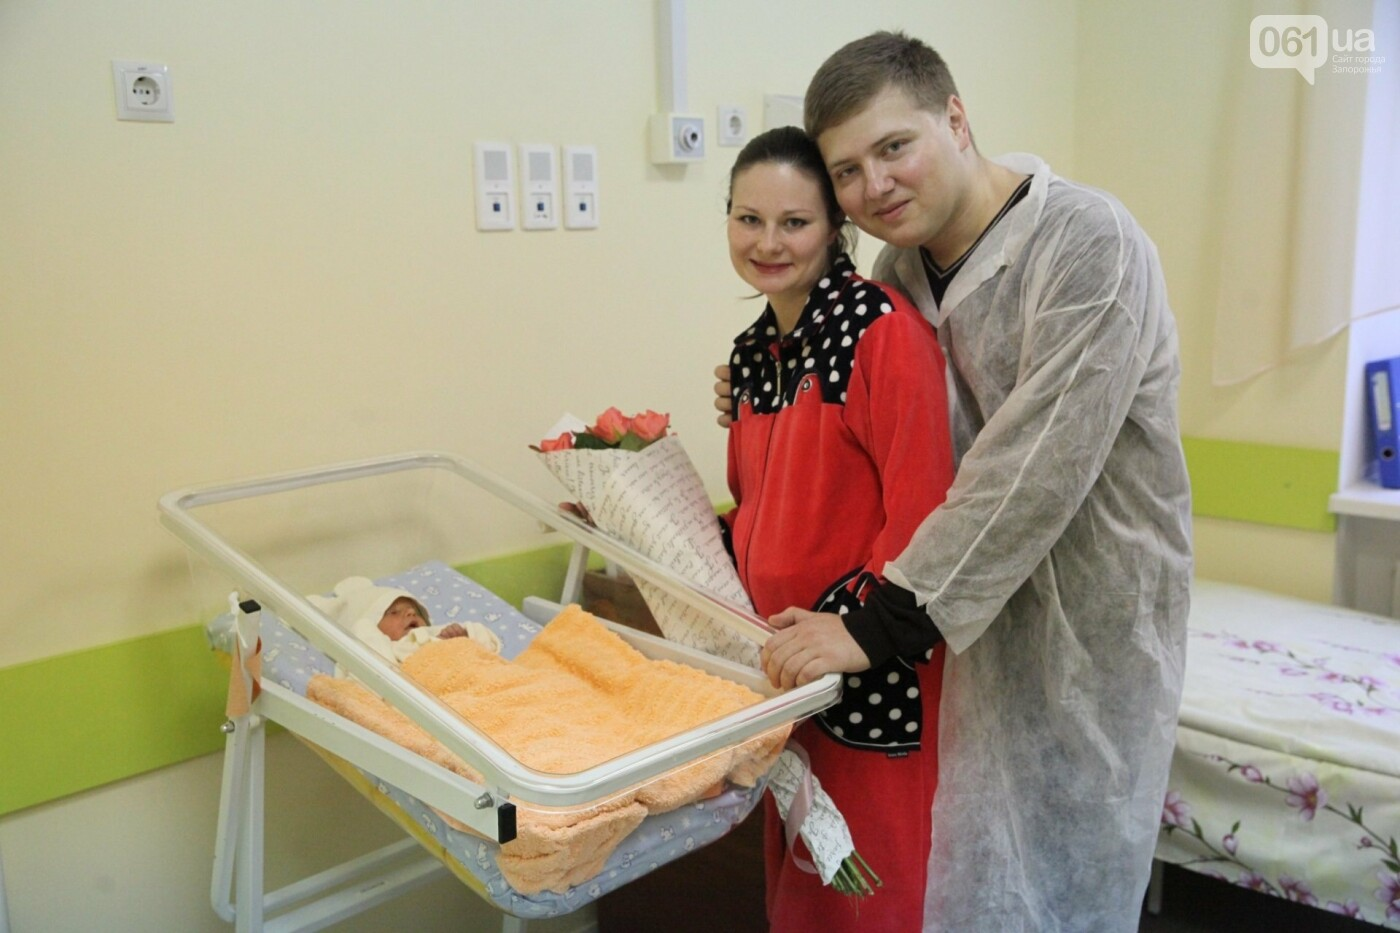 В Запорожье 1 января родились четыре мальчика и девочка, - ФОТО, фото-3